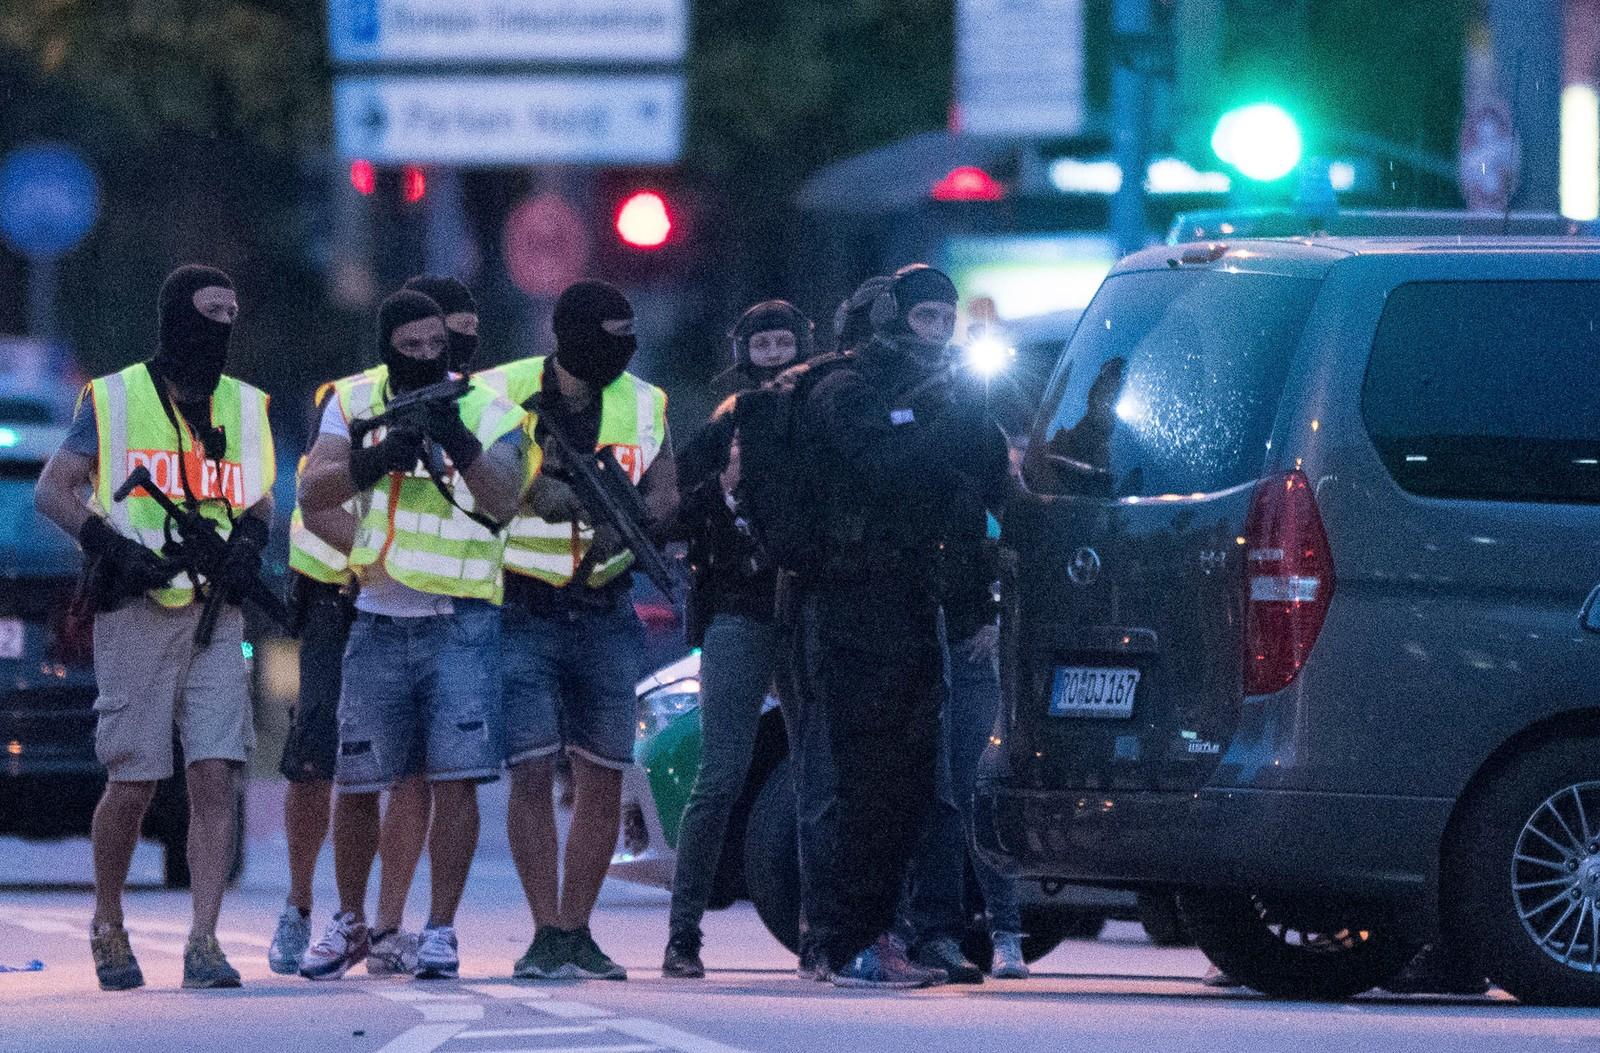 MASKERT POLITI: Spesialstyrker forbereder seg på å gjennomsøke et nærliggende kjøpesenter i sentrum av München. I 23-tiden fredag kveld er ennå ingen pågrepet for det politiet mistenker er et terrorangrep.